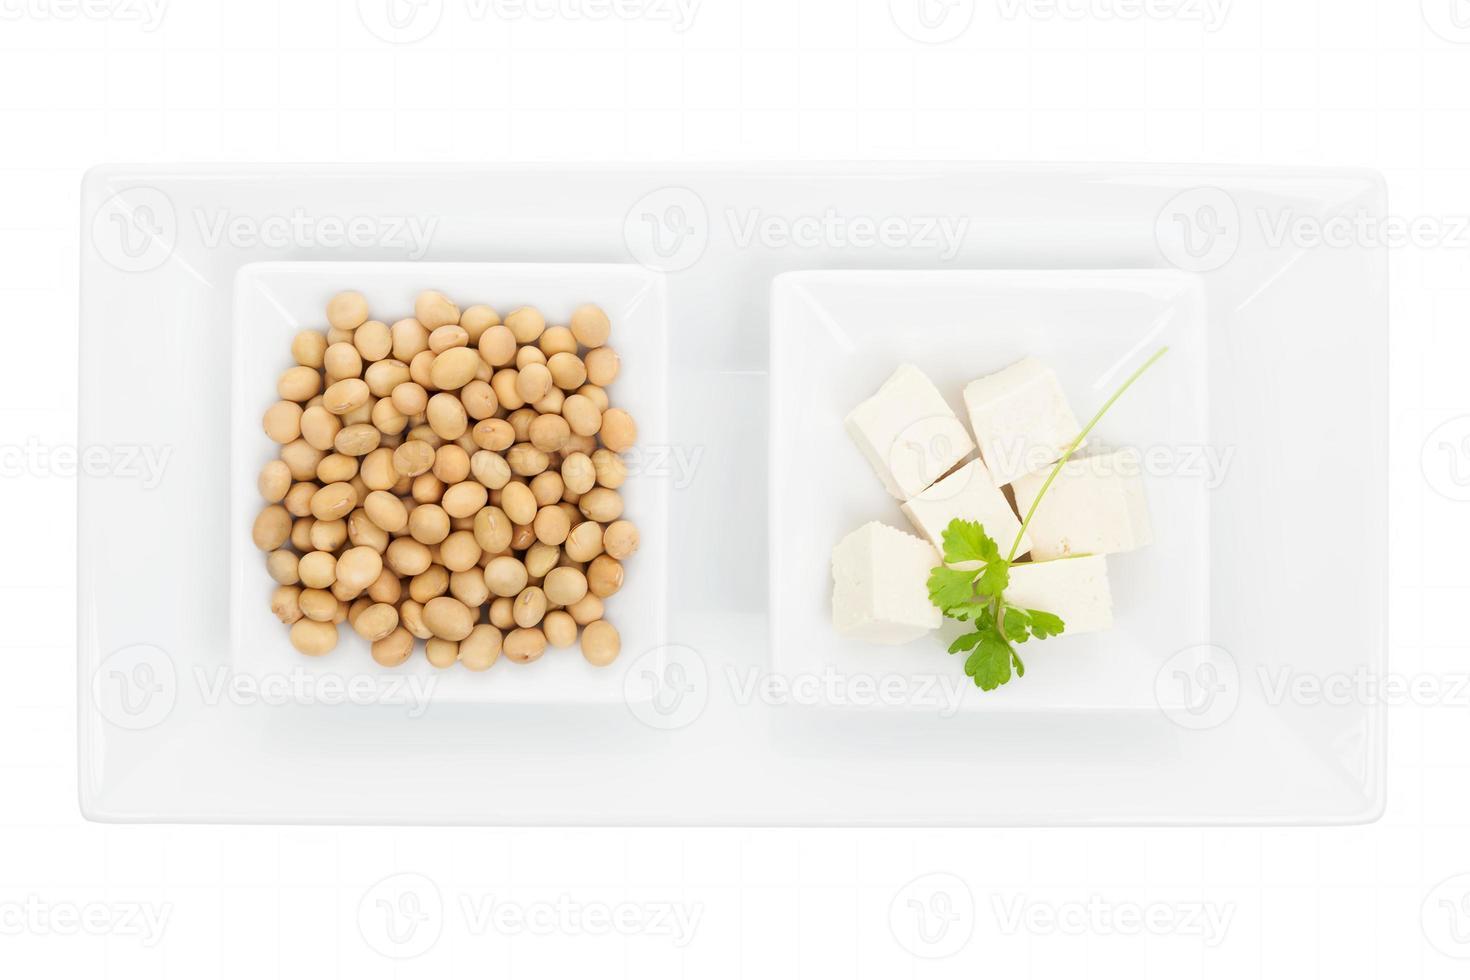 soja e tofu. foto